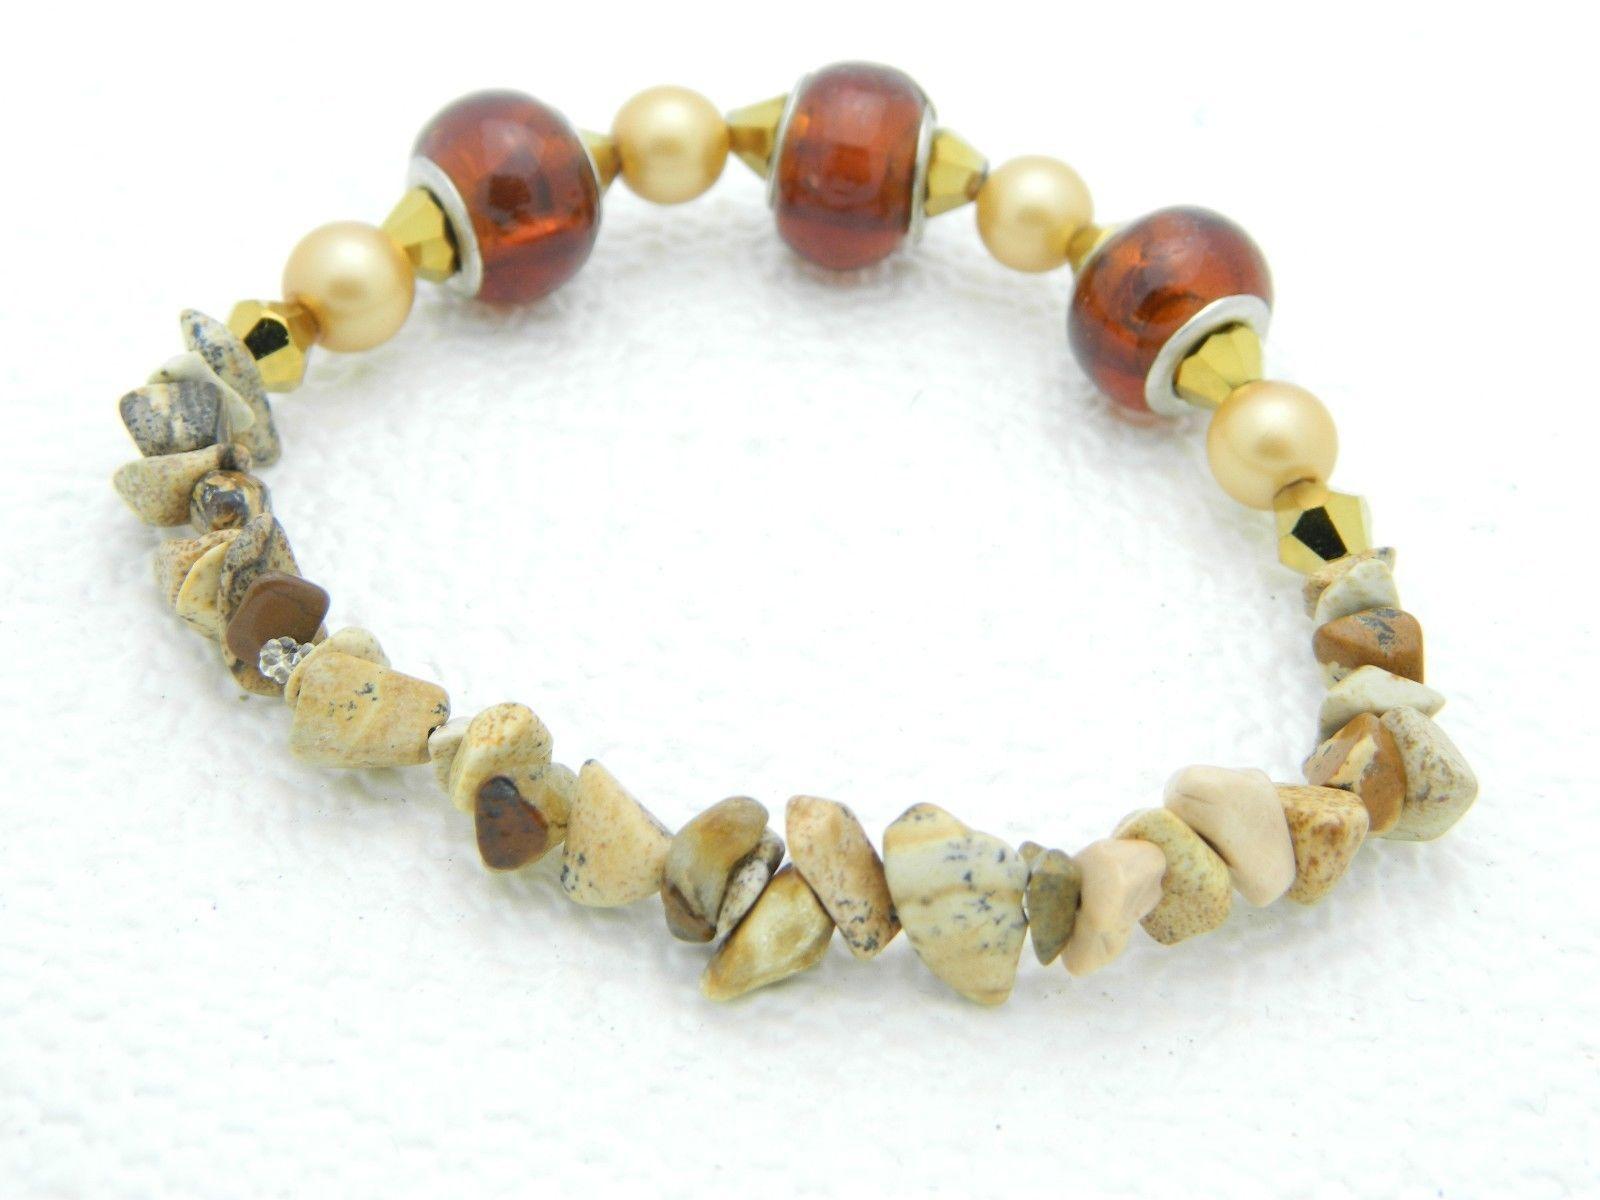 VTG Polished Stone Faux Amber Gold Tone Bead Stretch Bracelet image 2